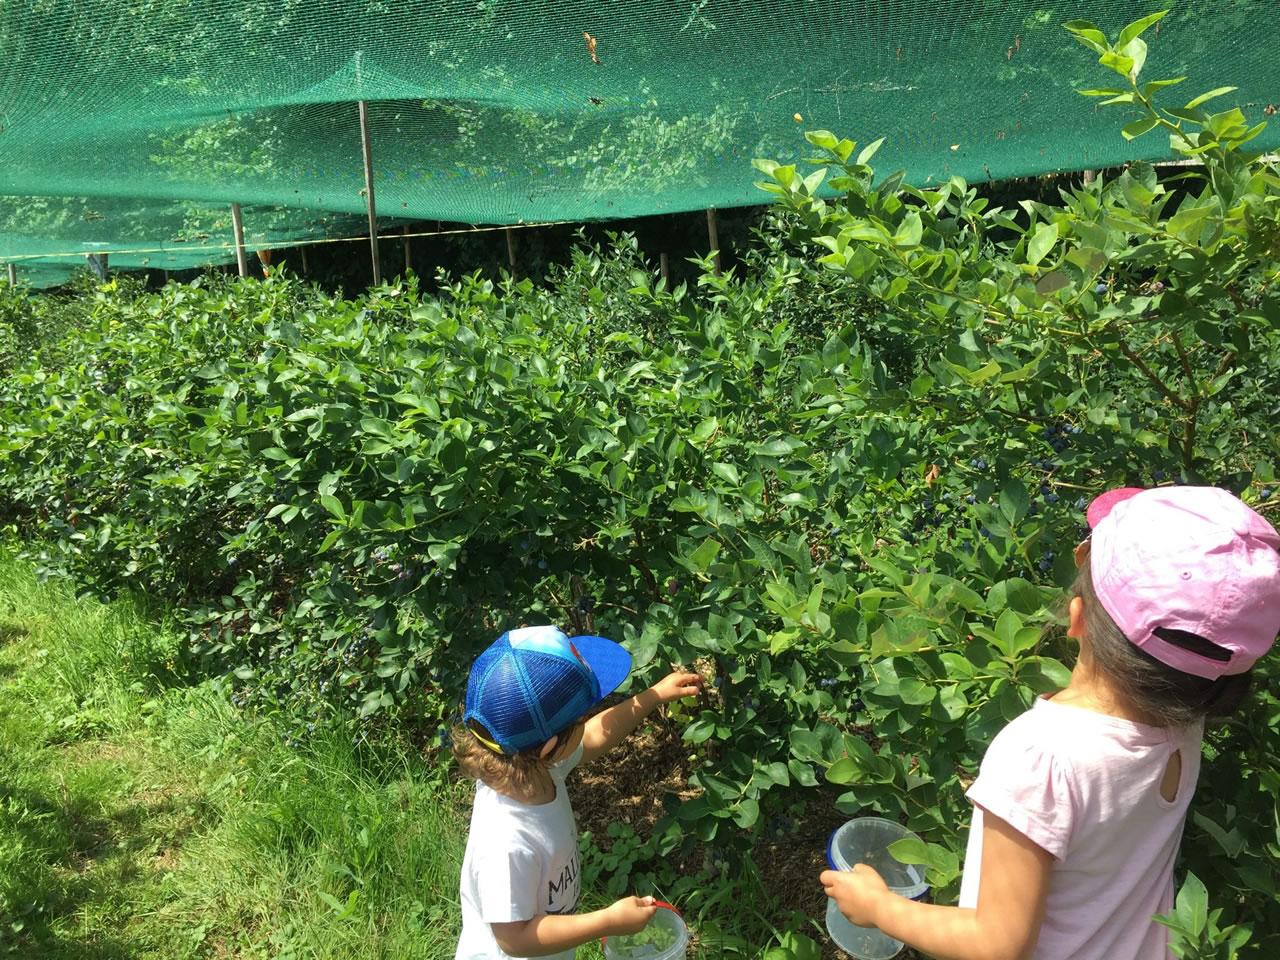 Crianças na colheita